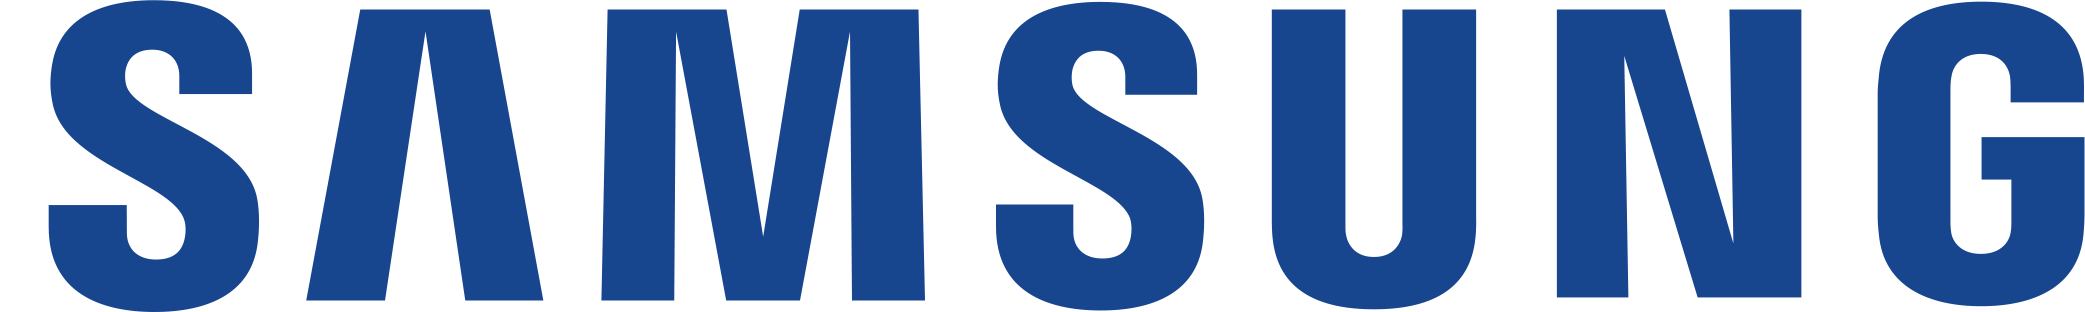 Samsung Logo Png : Samsung Logo PNG Photo   PNG Arts ...